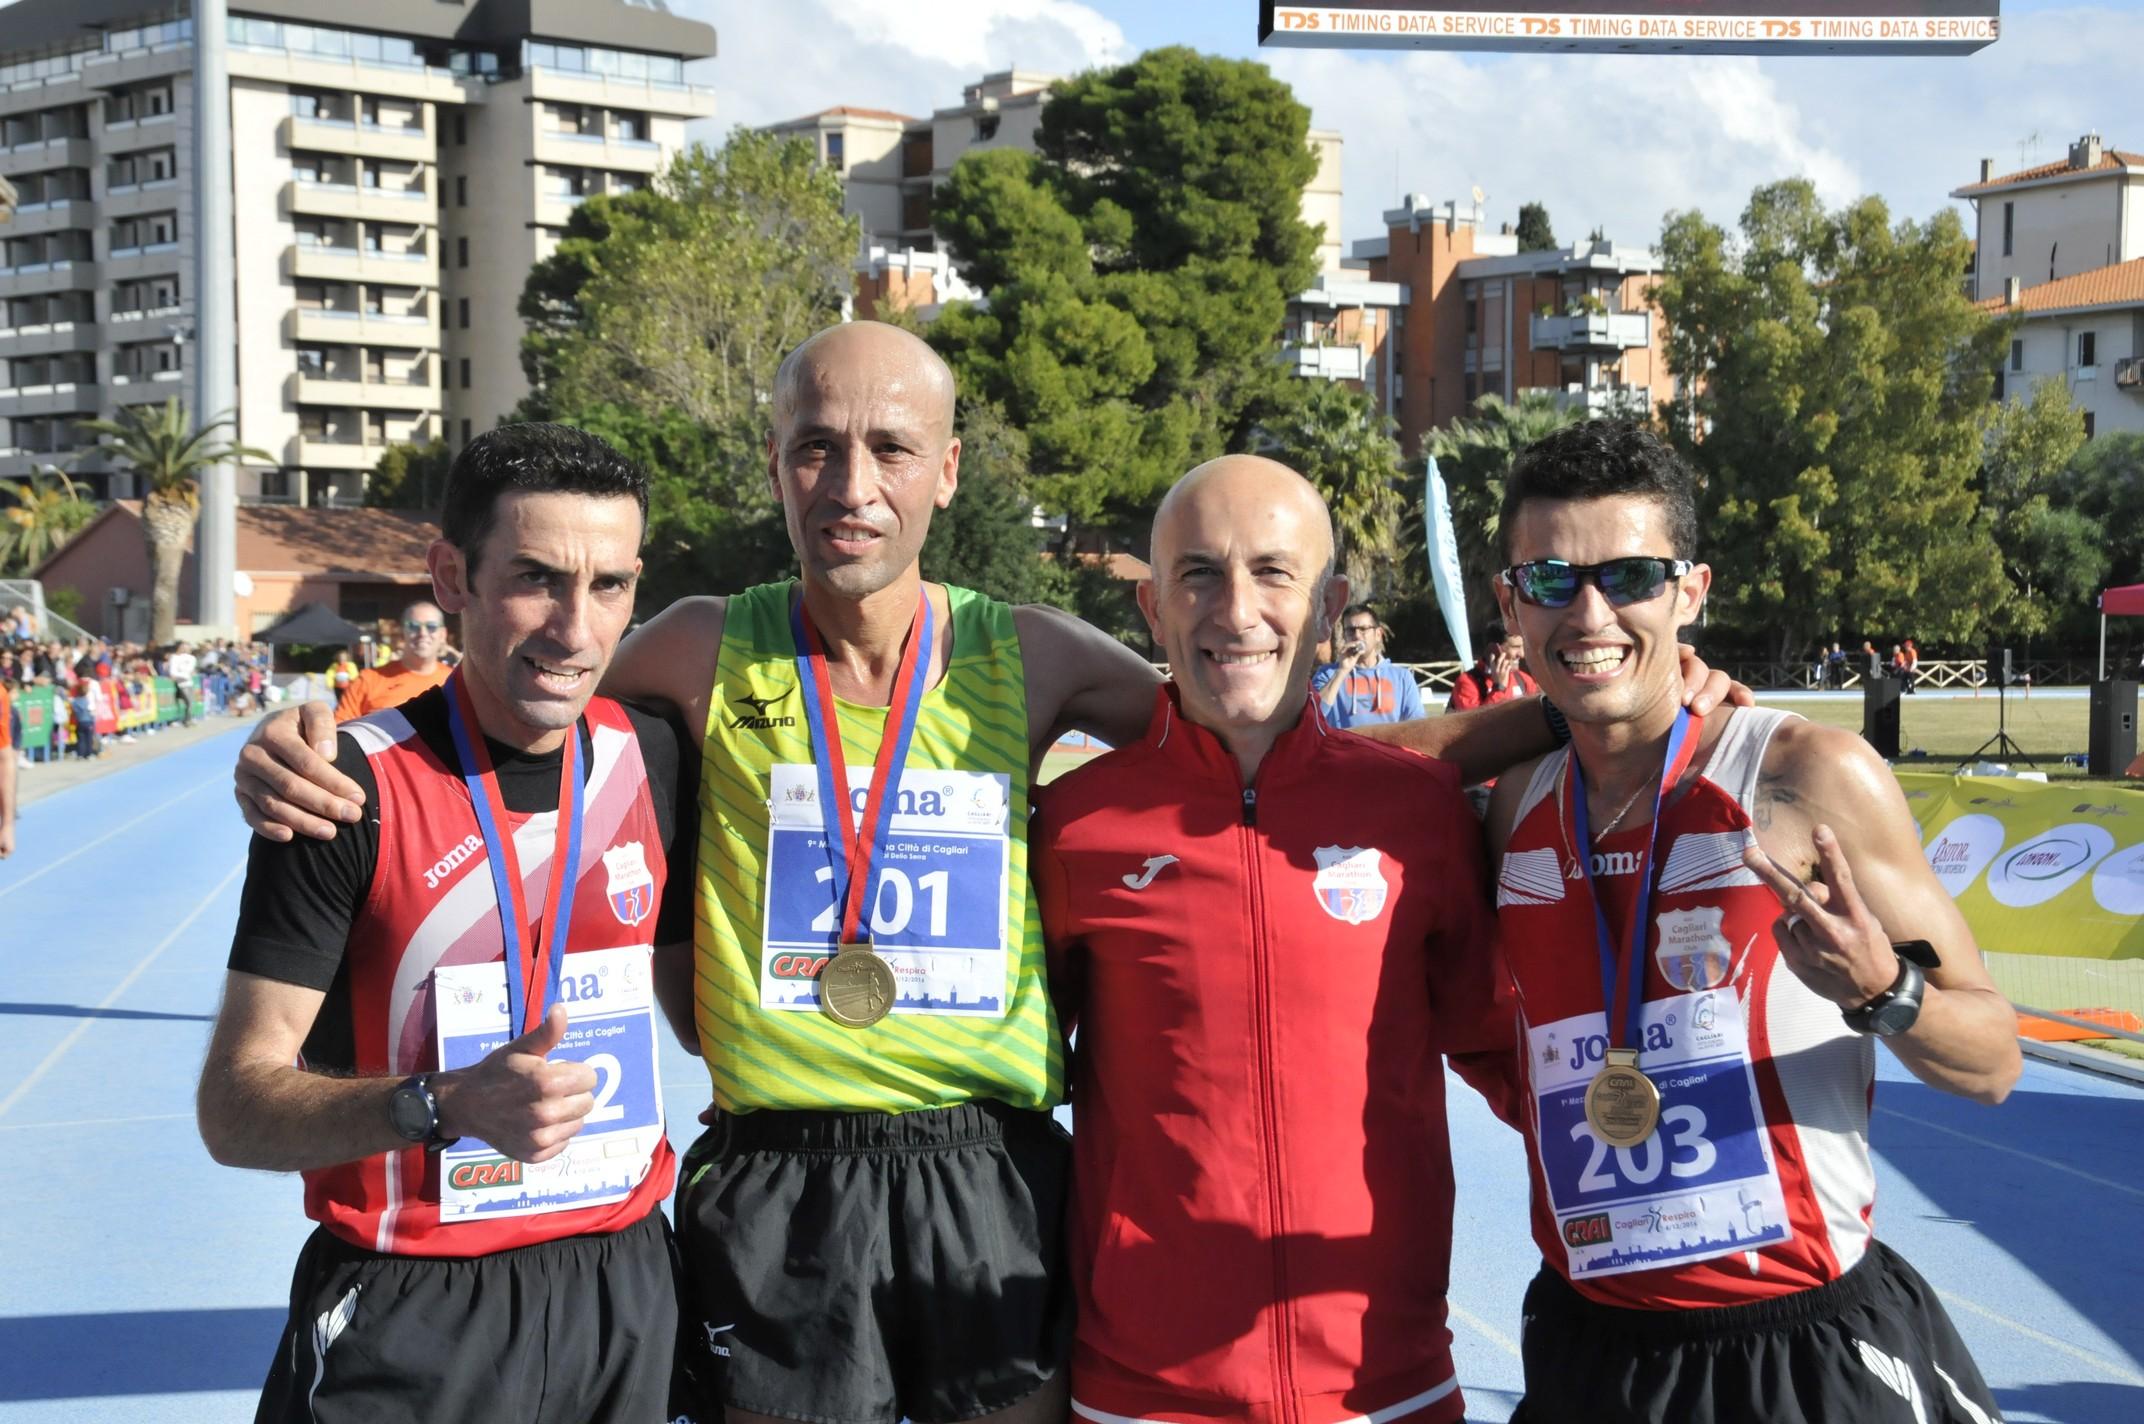 Che fenomeni, questi i top runner della 10^ CRAI Cagliari Respira